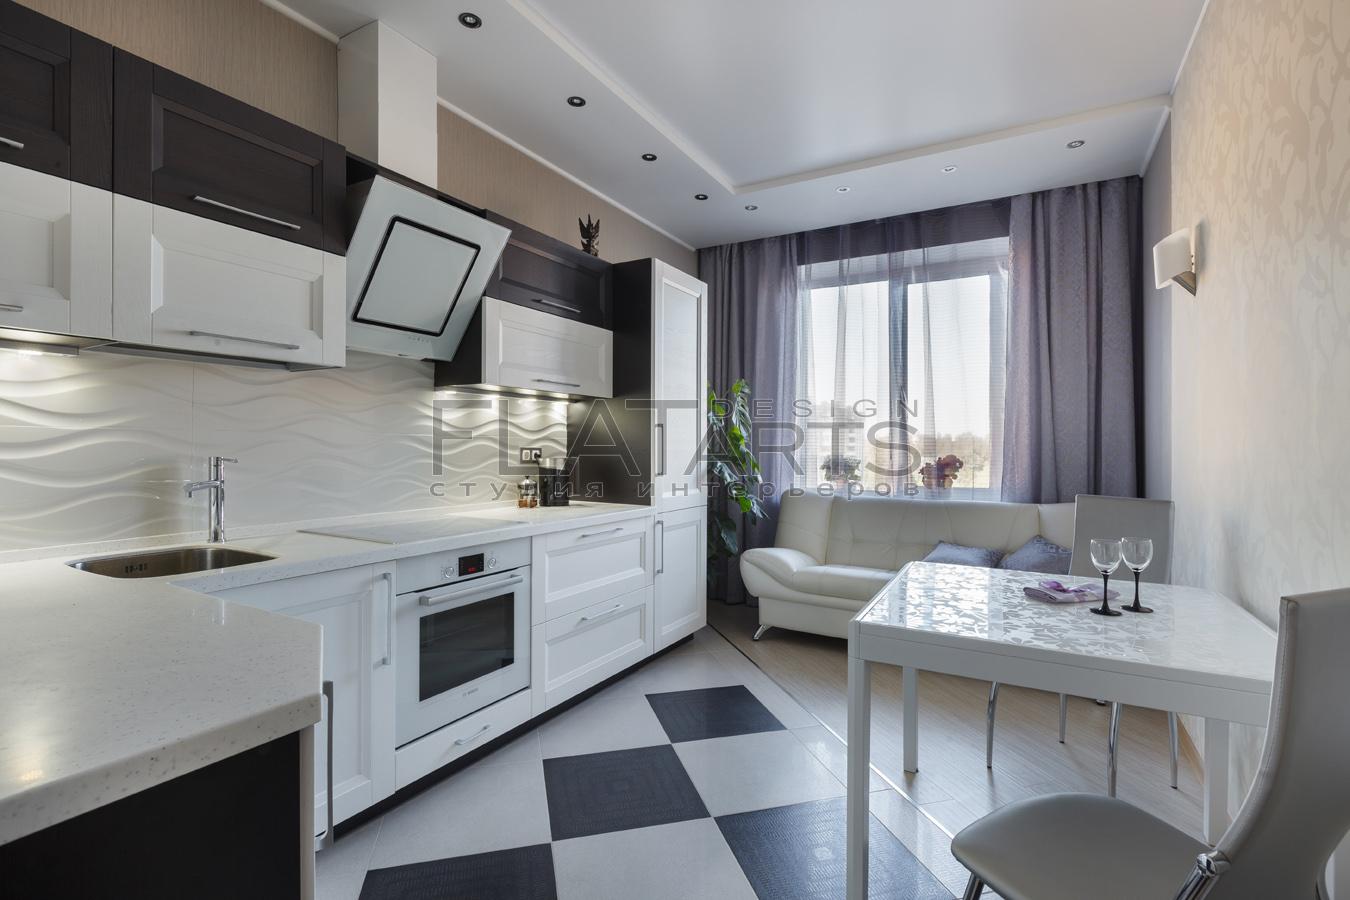 Дизайн интерьера кухни в двухкомнатной квартире: сталинки, б.